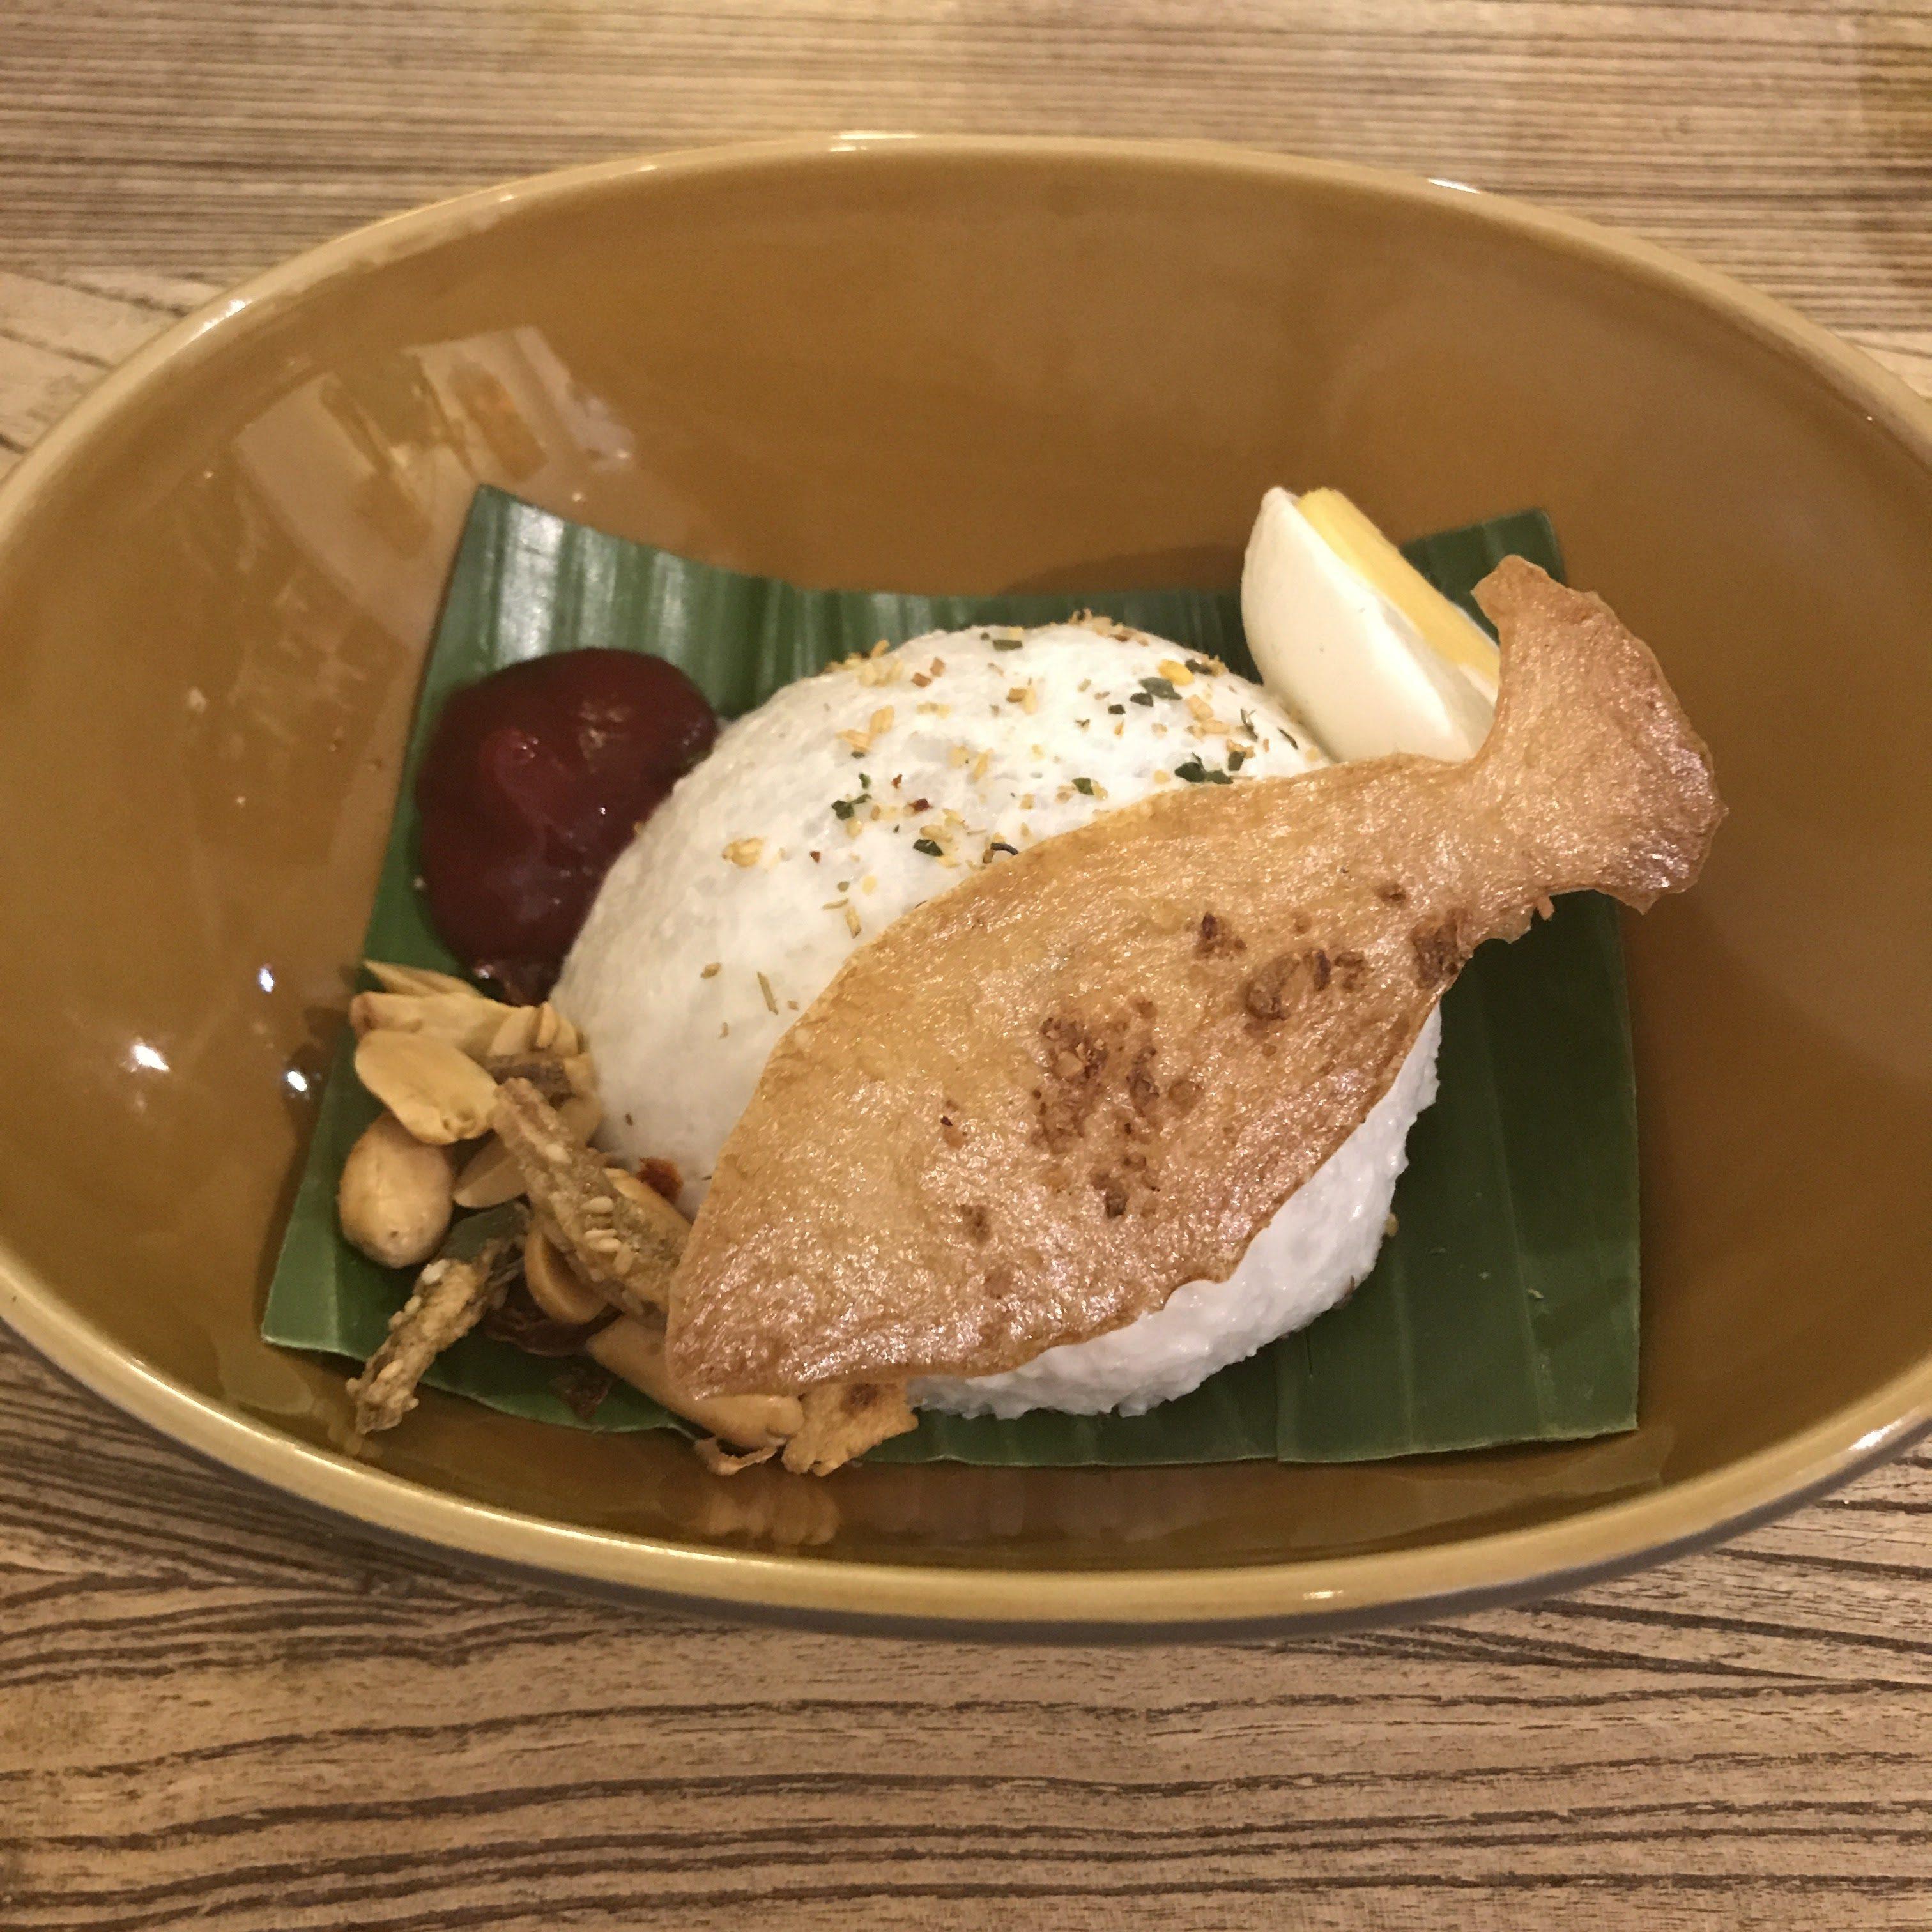 ユニークデザート@Non Entrée Desserts(ファーラーパーク/シンガポール)